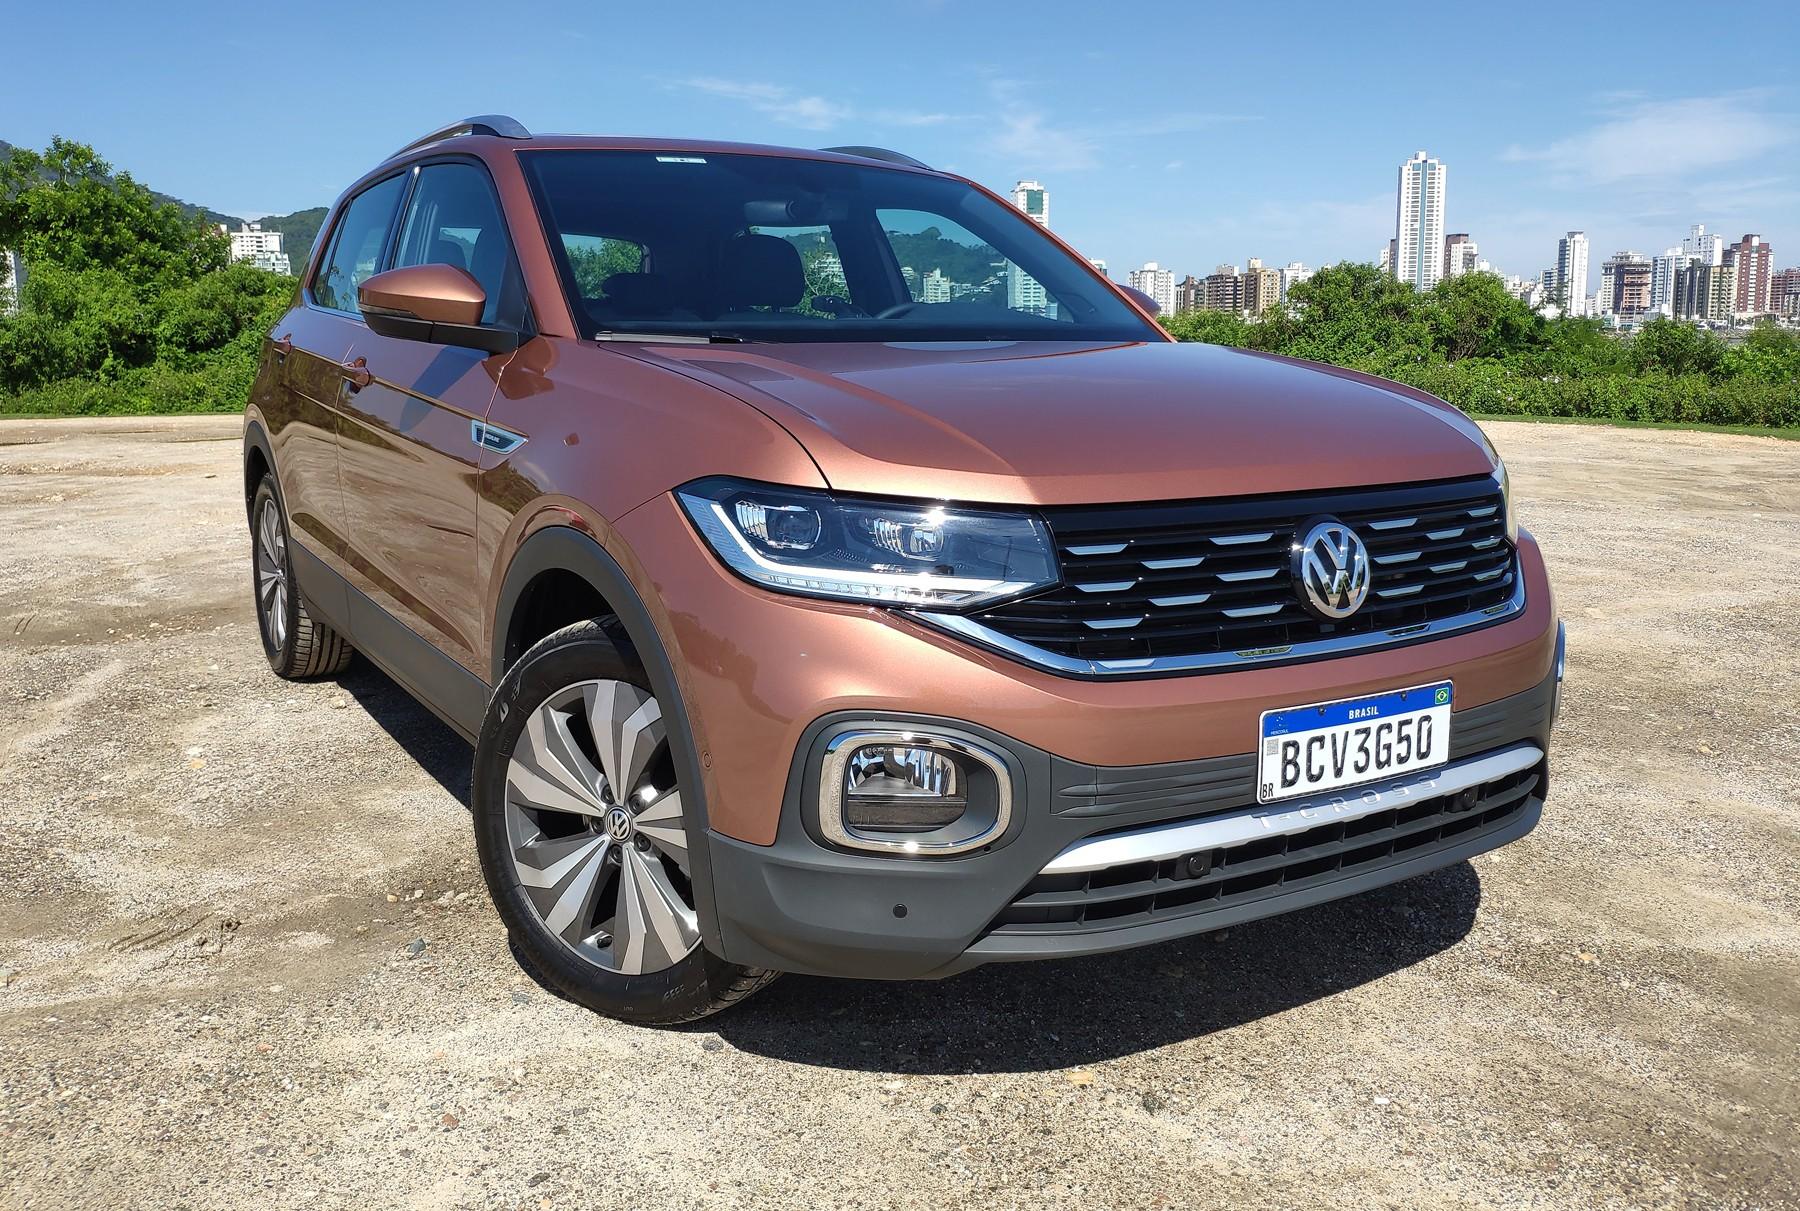 Volkswagen chama recall do T-Cross por risco de trinca no eixo traseiro